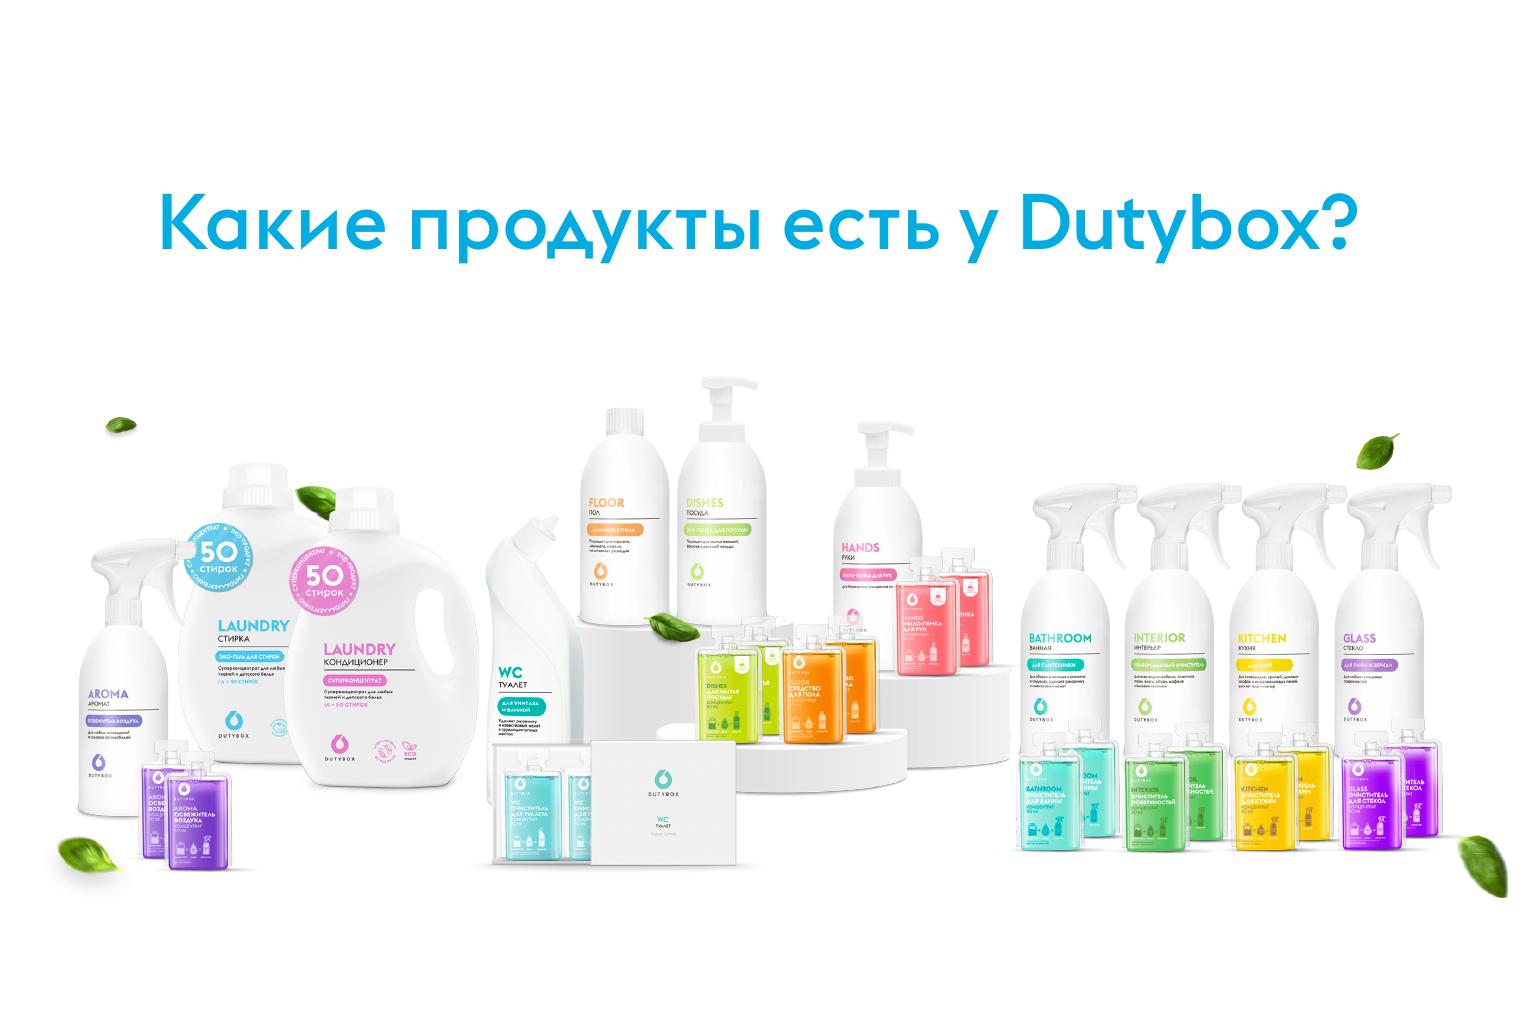 Концентрированные моющие средства DutyBox